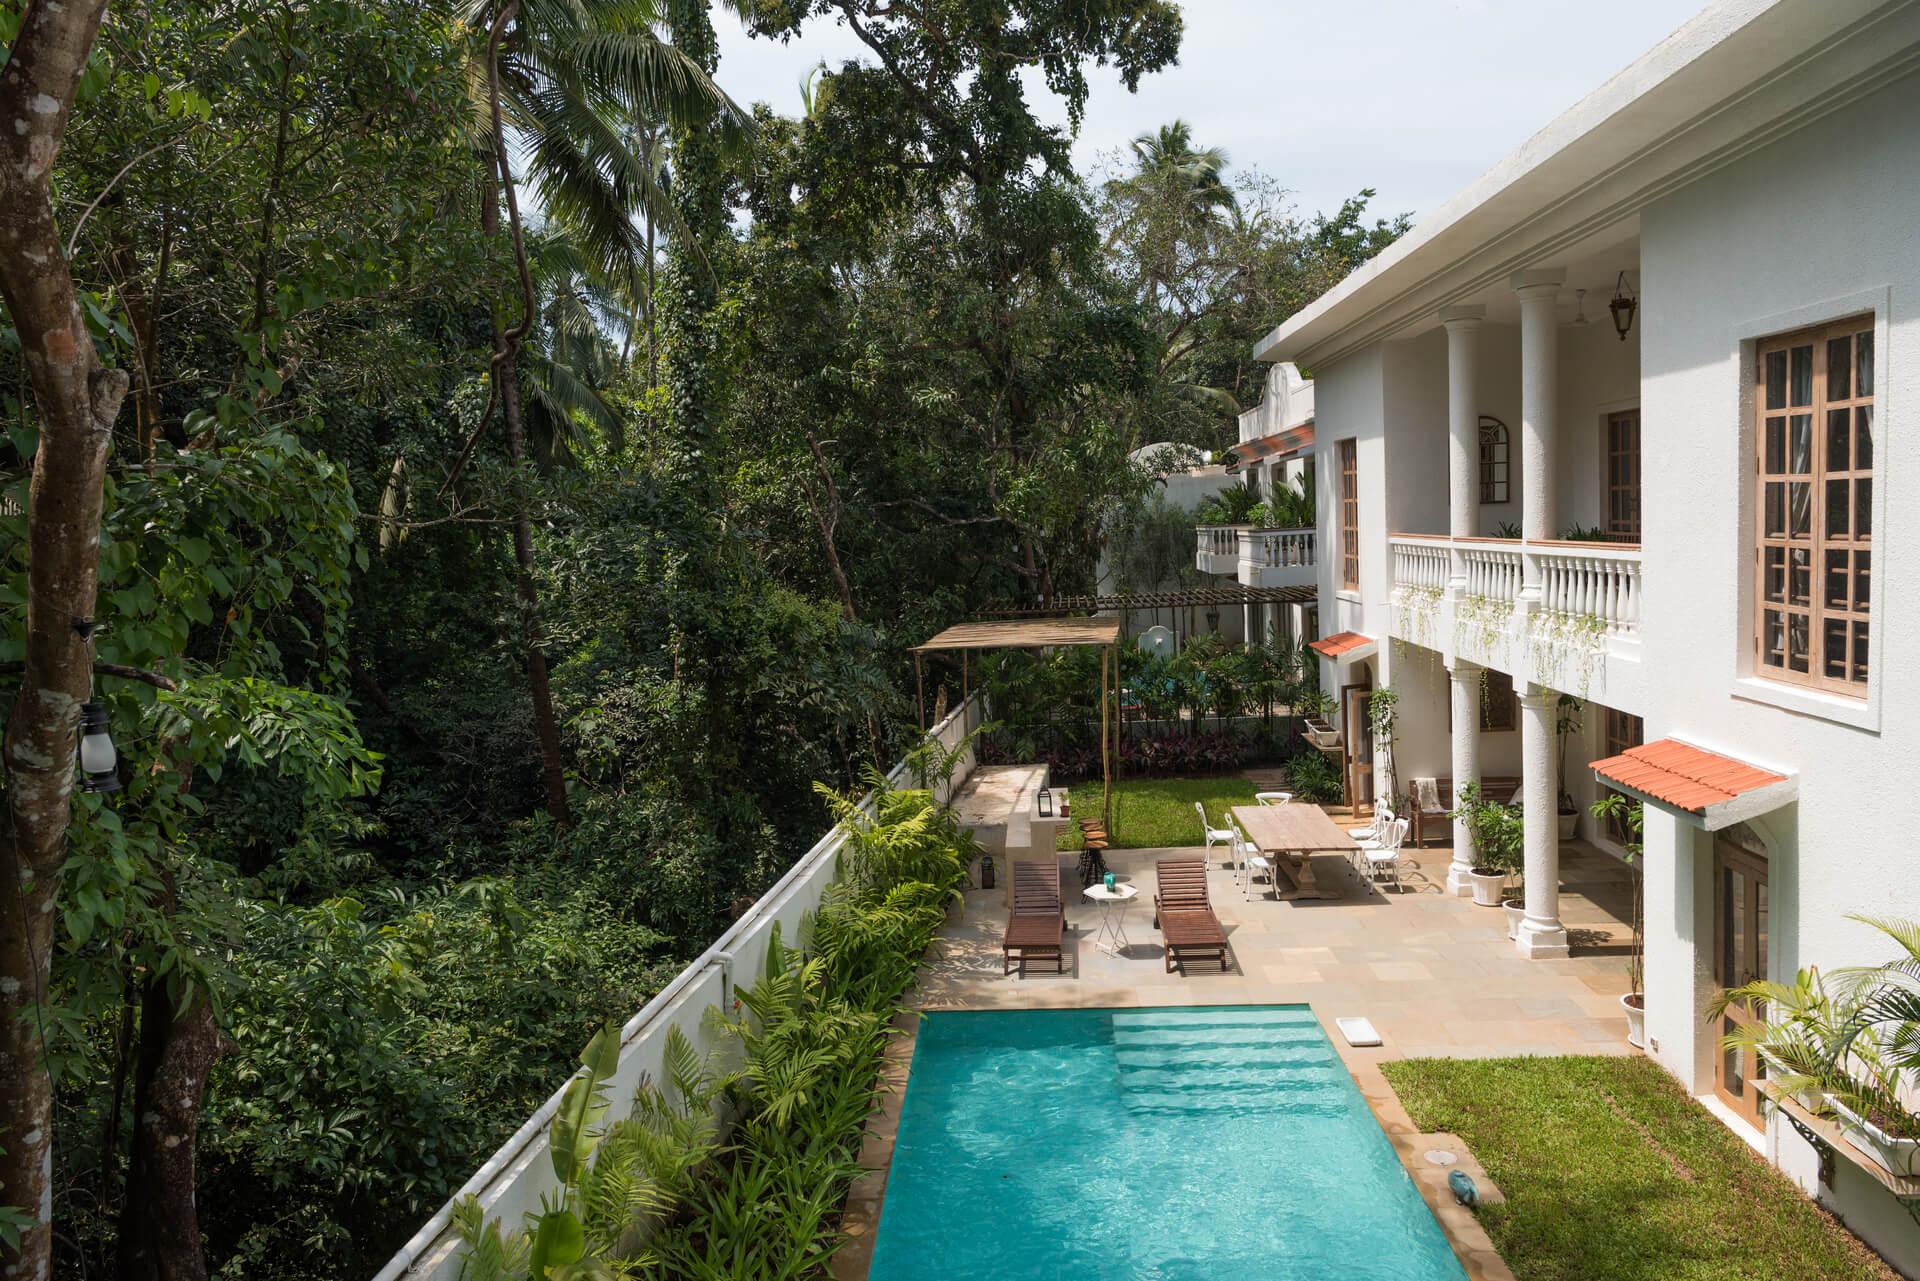 Sanitised pool villa for rent in Goa - Igreha Vaddo D